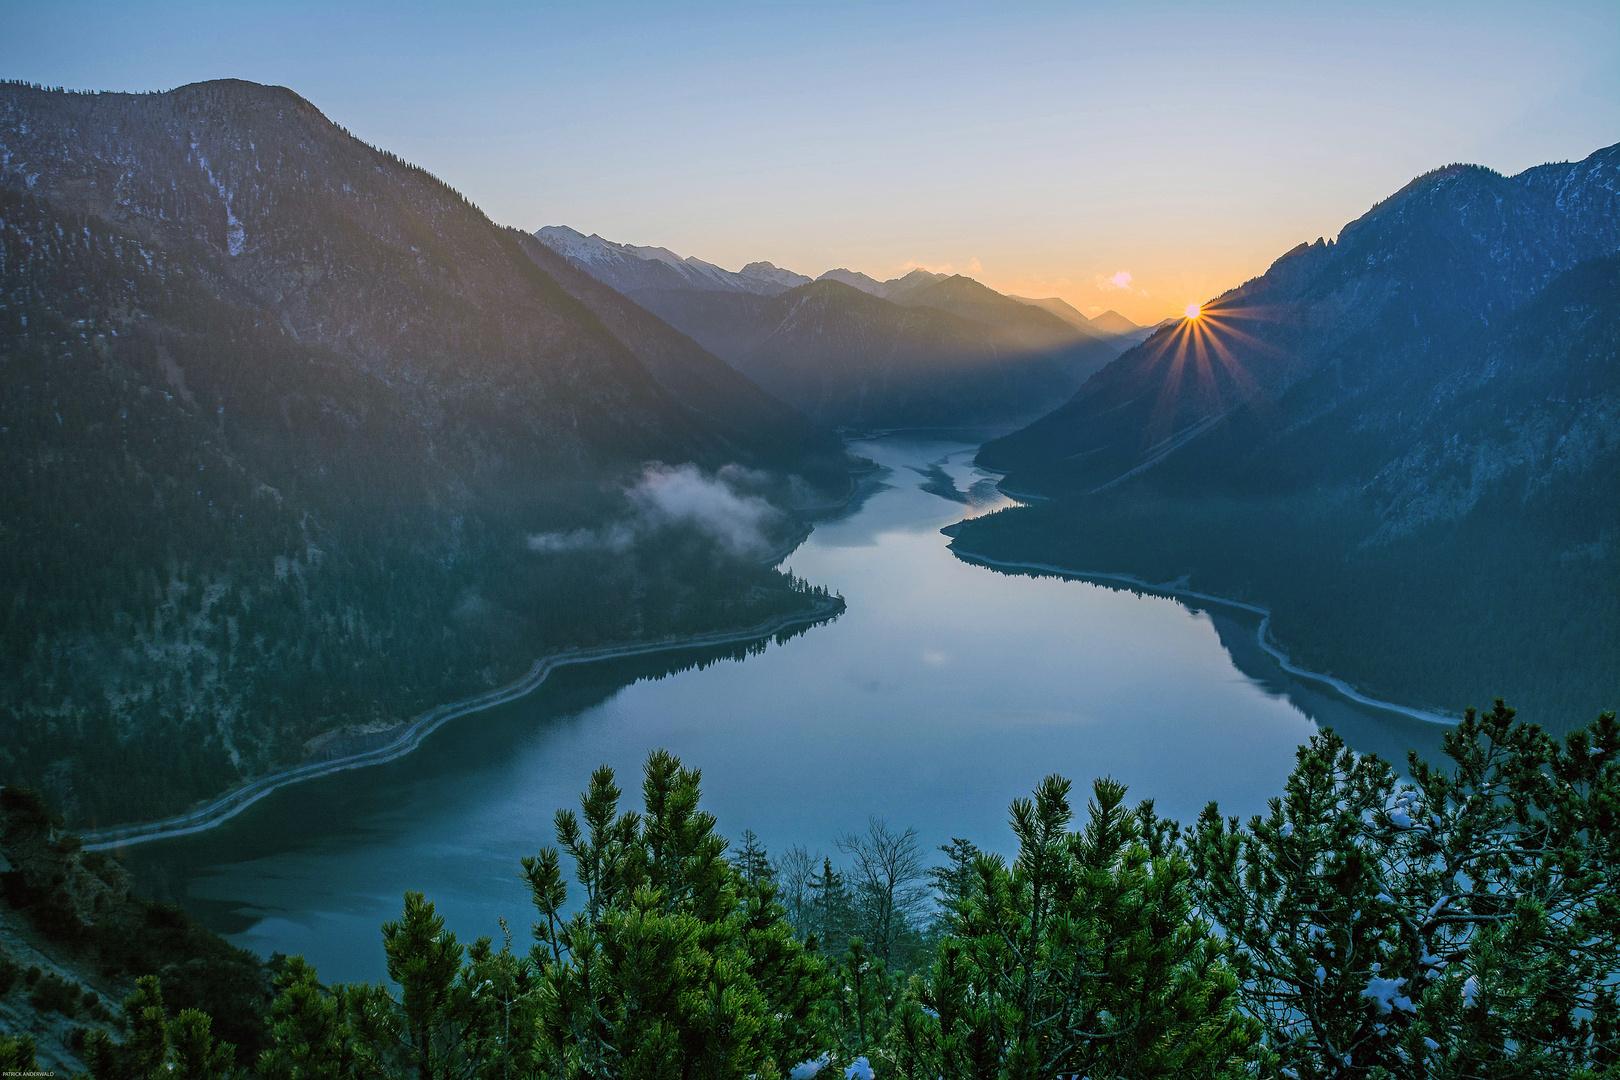 Sonnenaufgang über dem Plansee